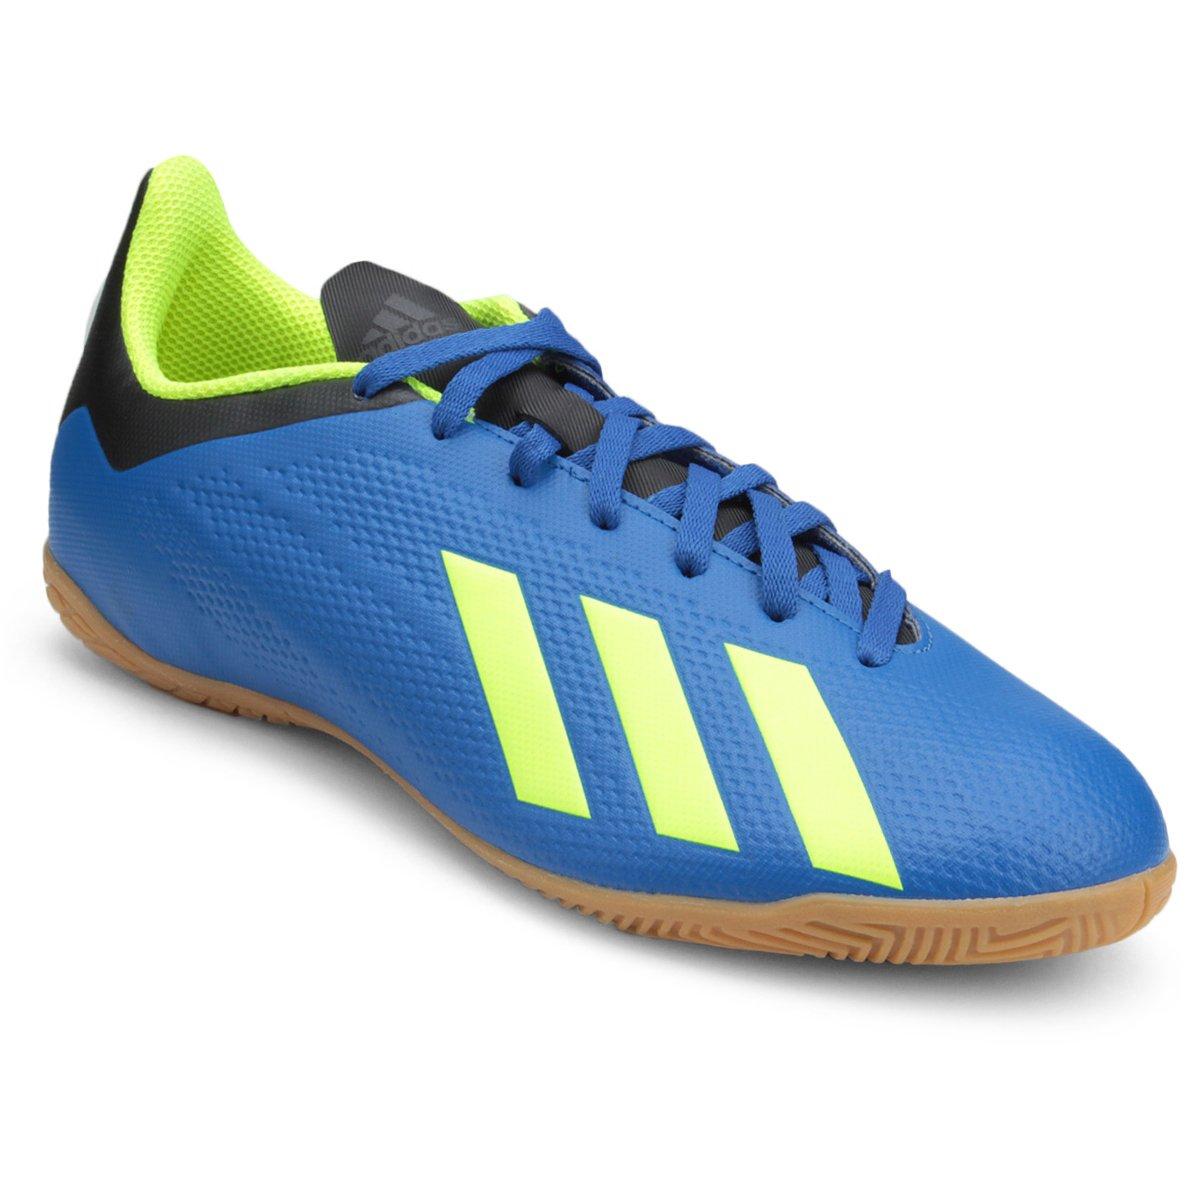 e1396314c0e9e Chuteira Futsal Adidas X Tango 18 4 IN - Compre Agora